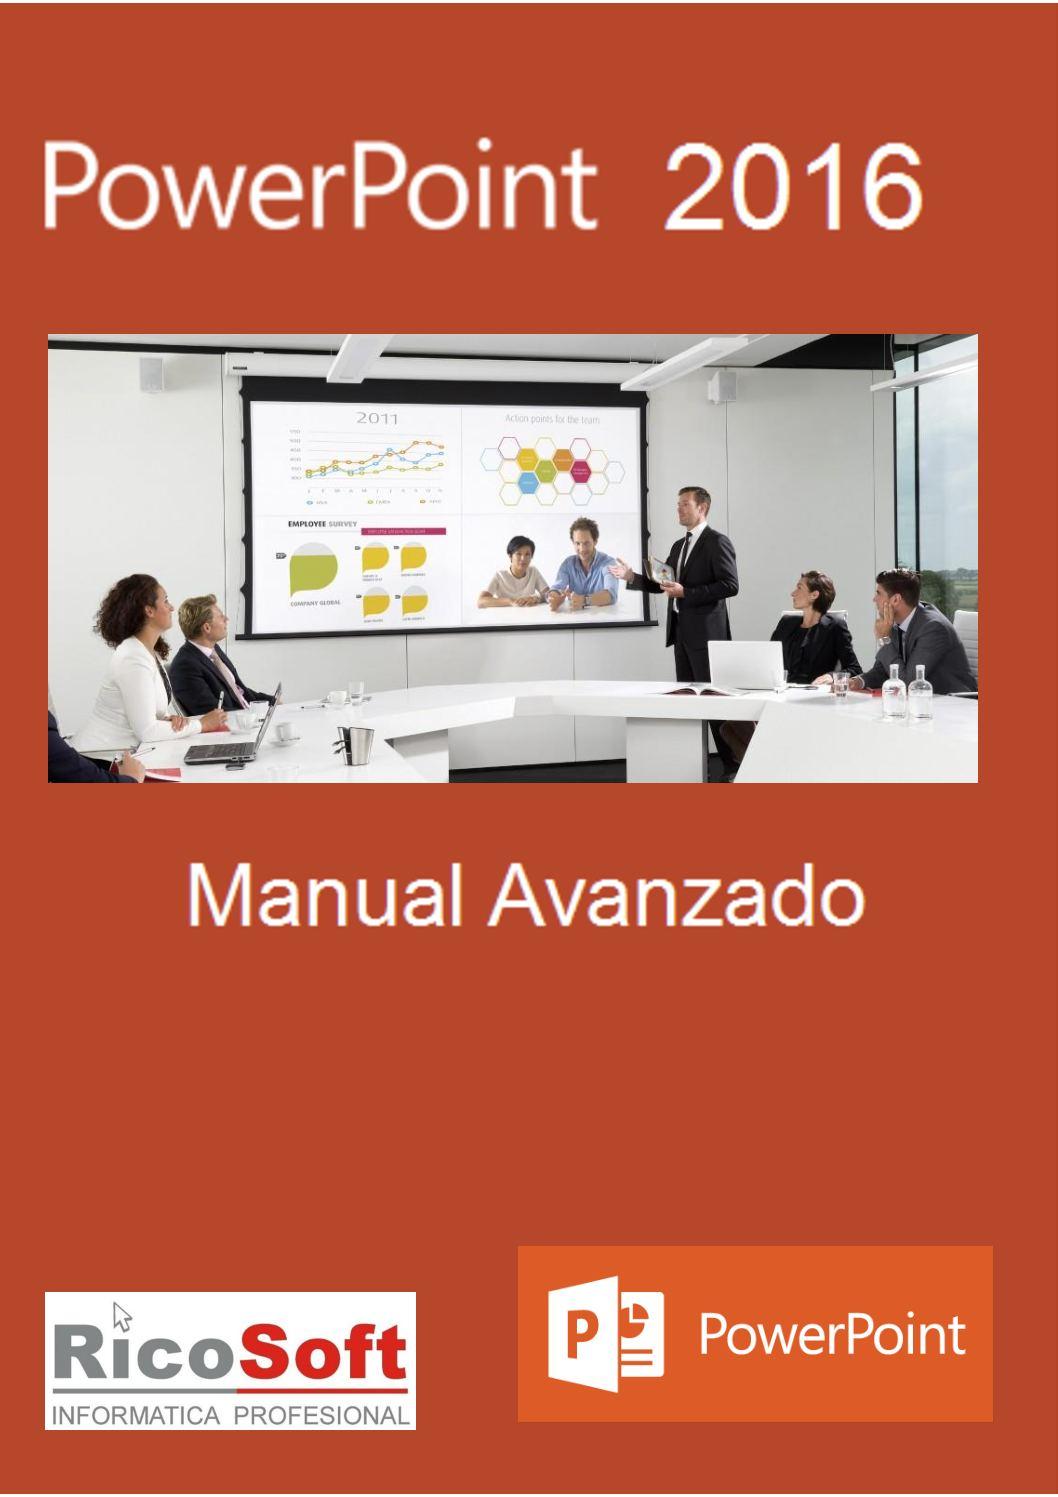 Calaméo - Manual Avanzado Power Point 2016